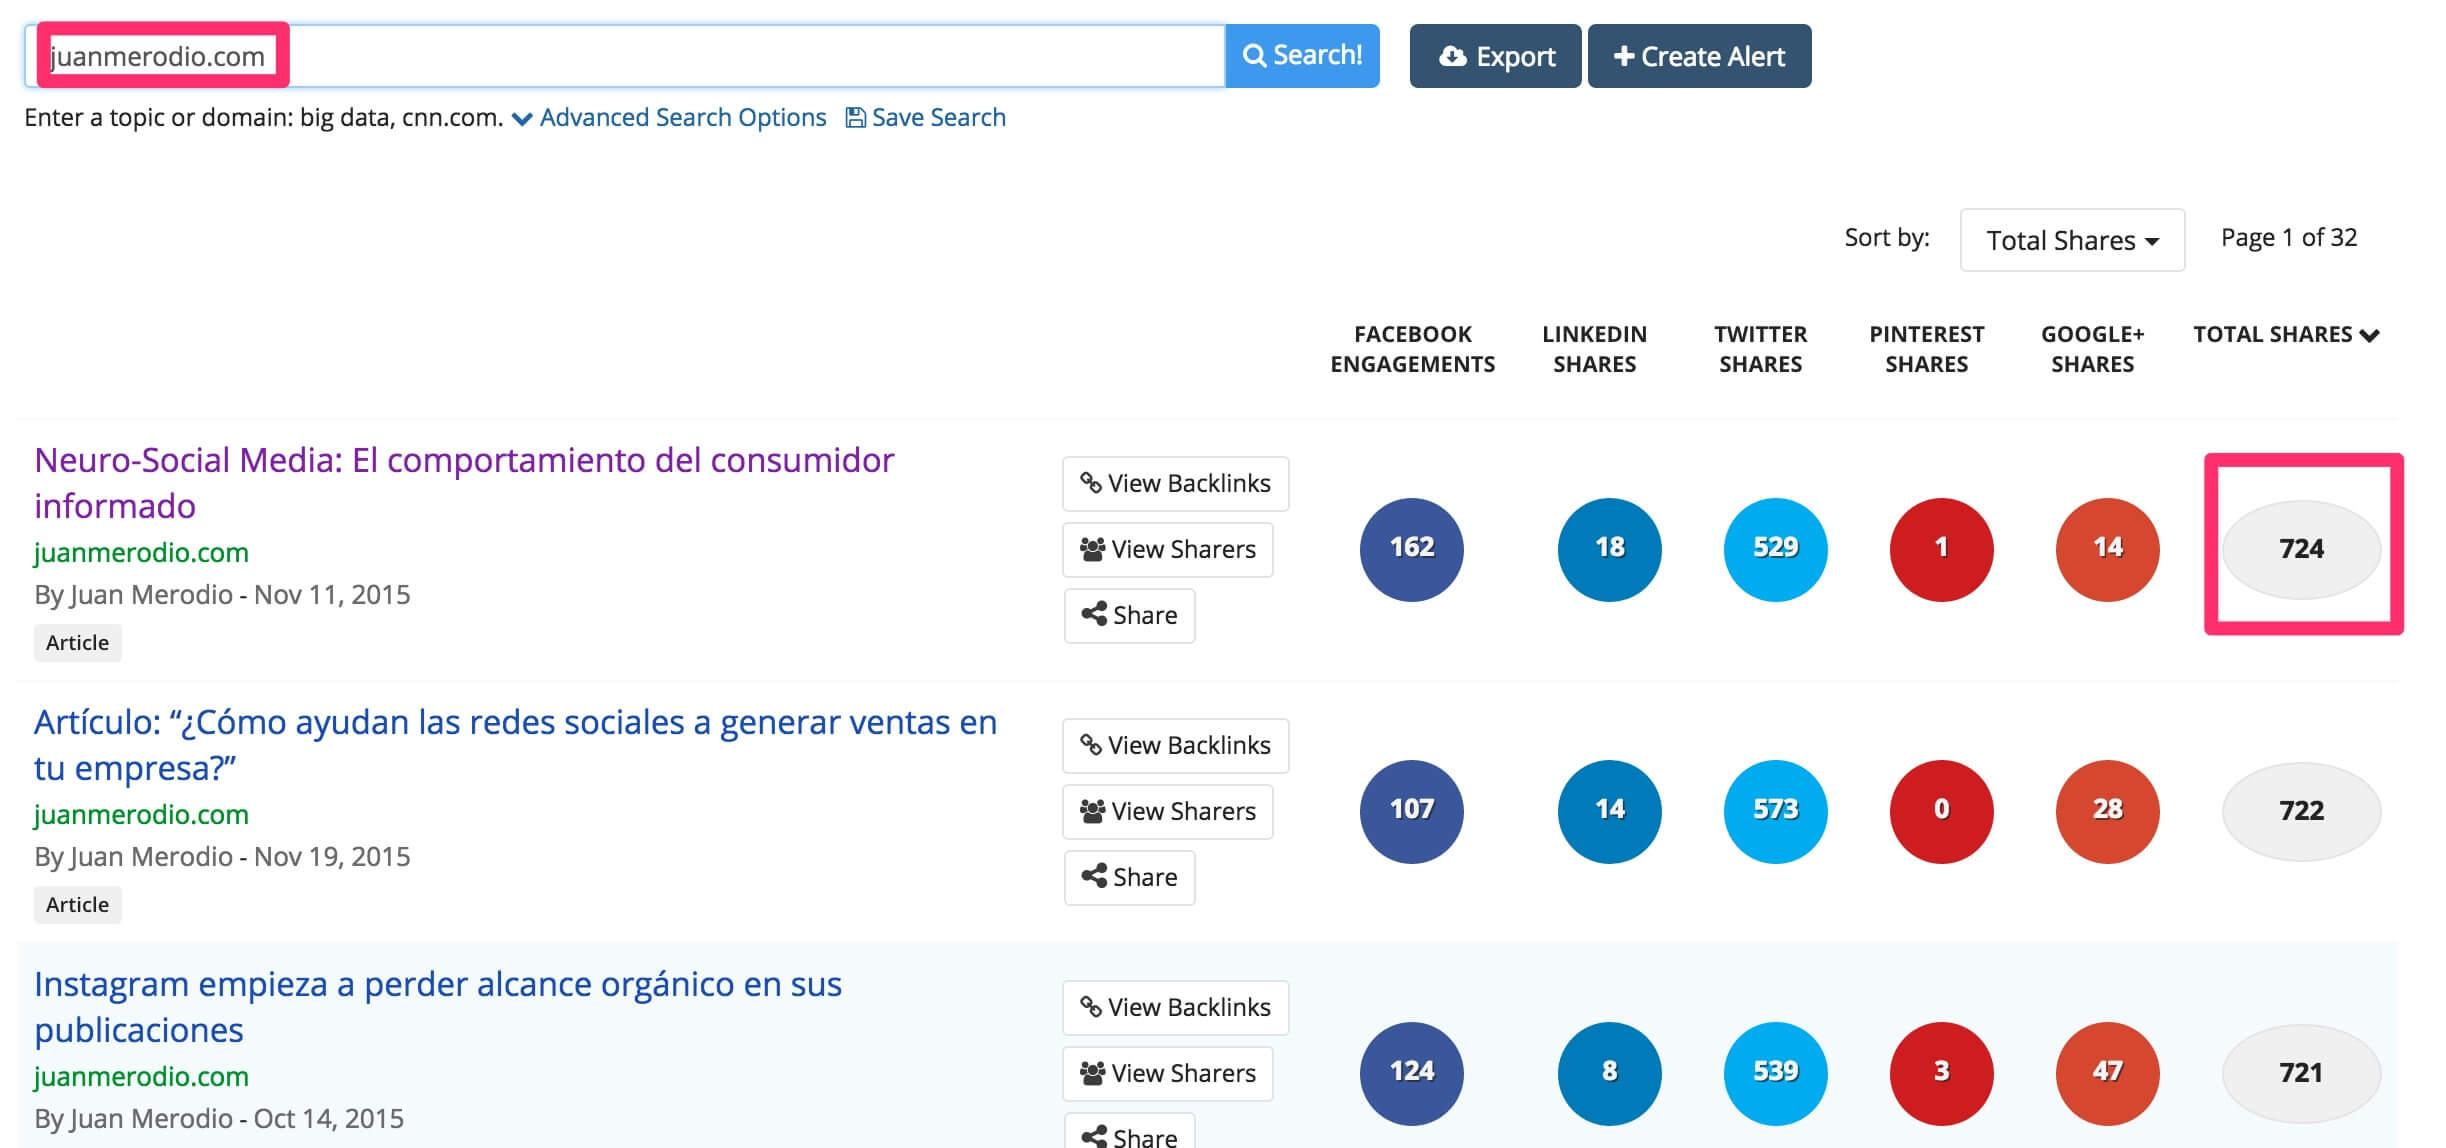 buzzsumo-1 El mejor contenido viral de marketing digital en español y cómo lo he encontrado